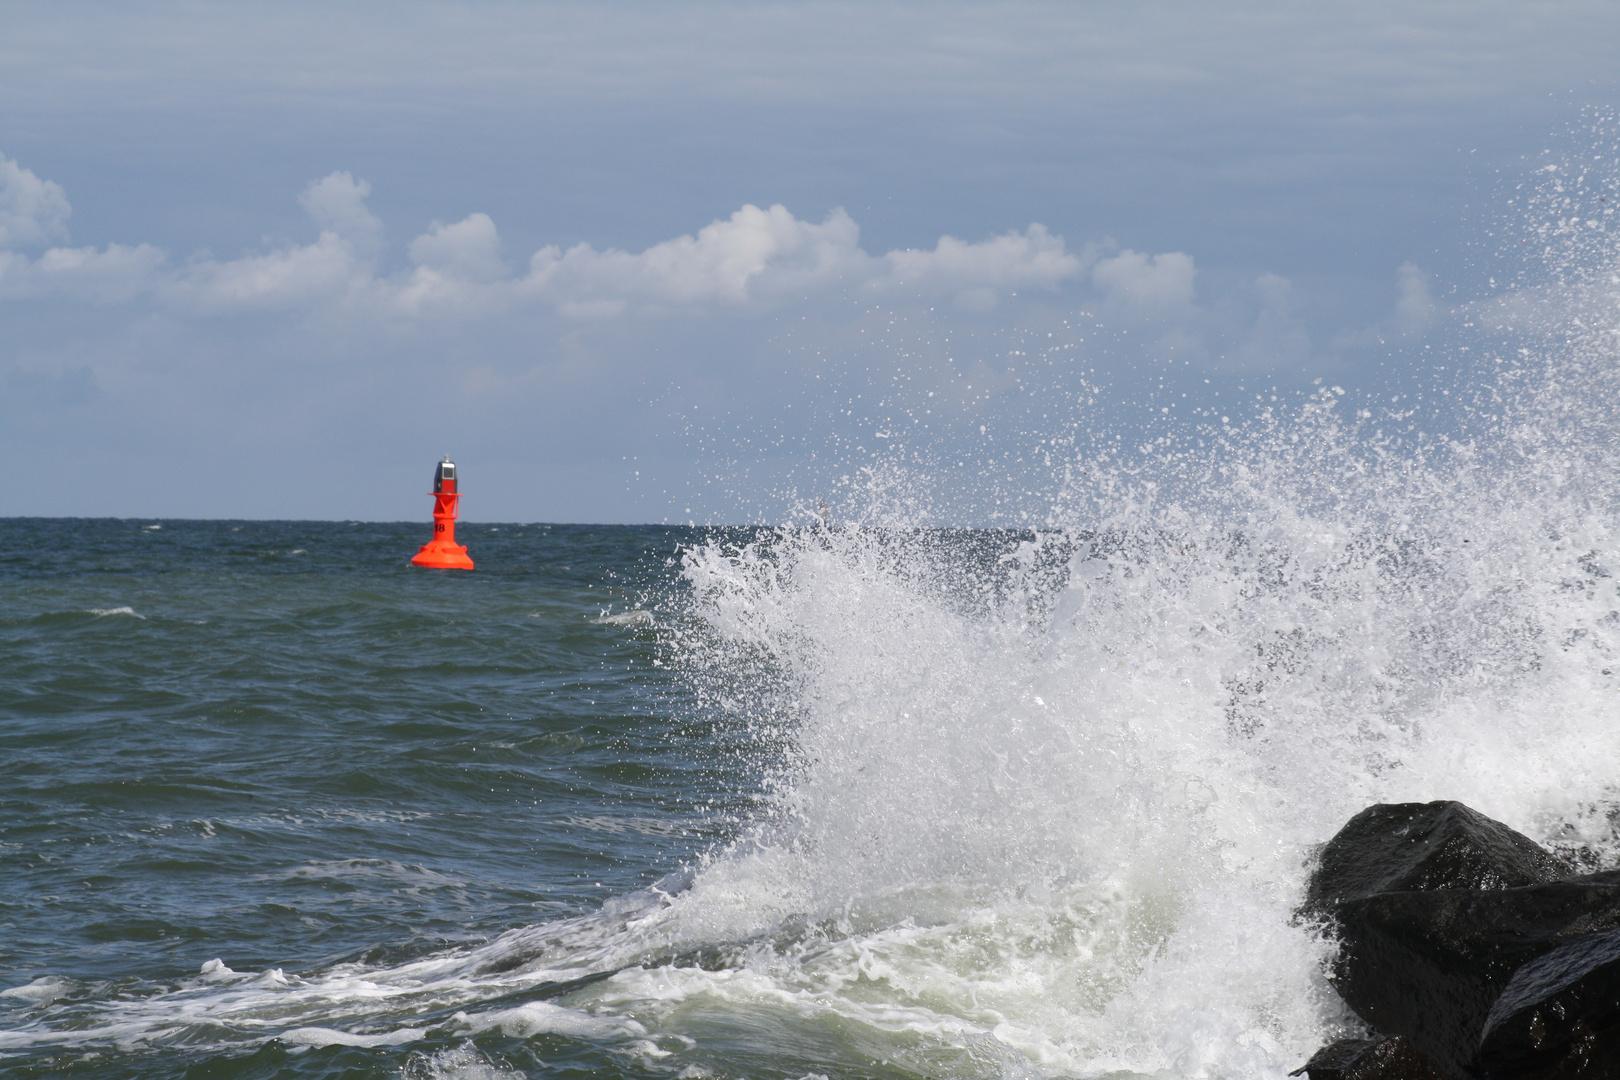 Wellen in Warnemünde, Ostsee